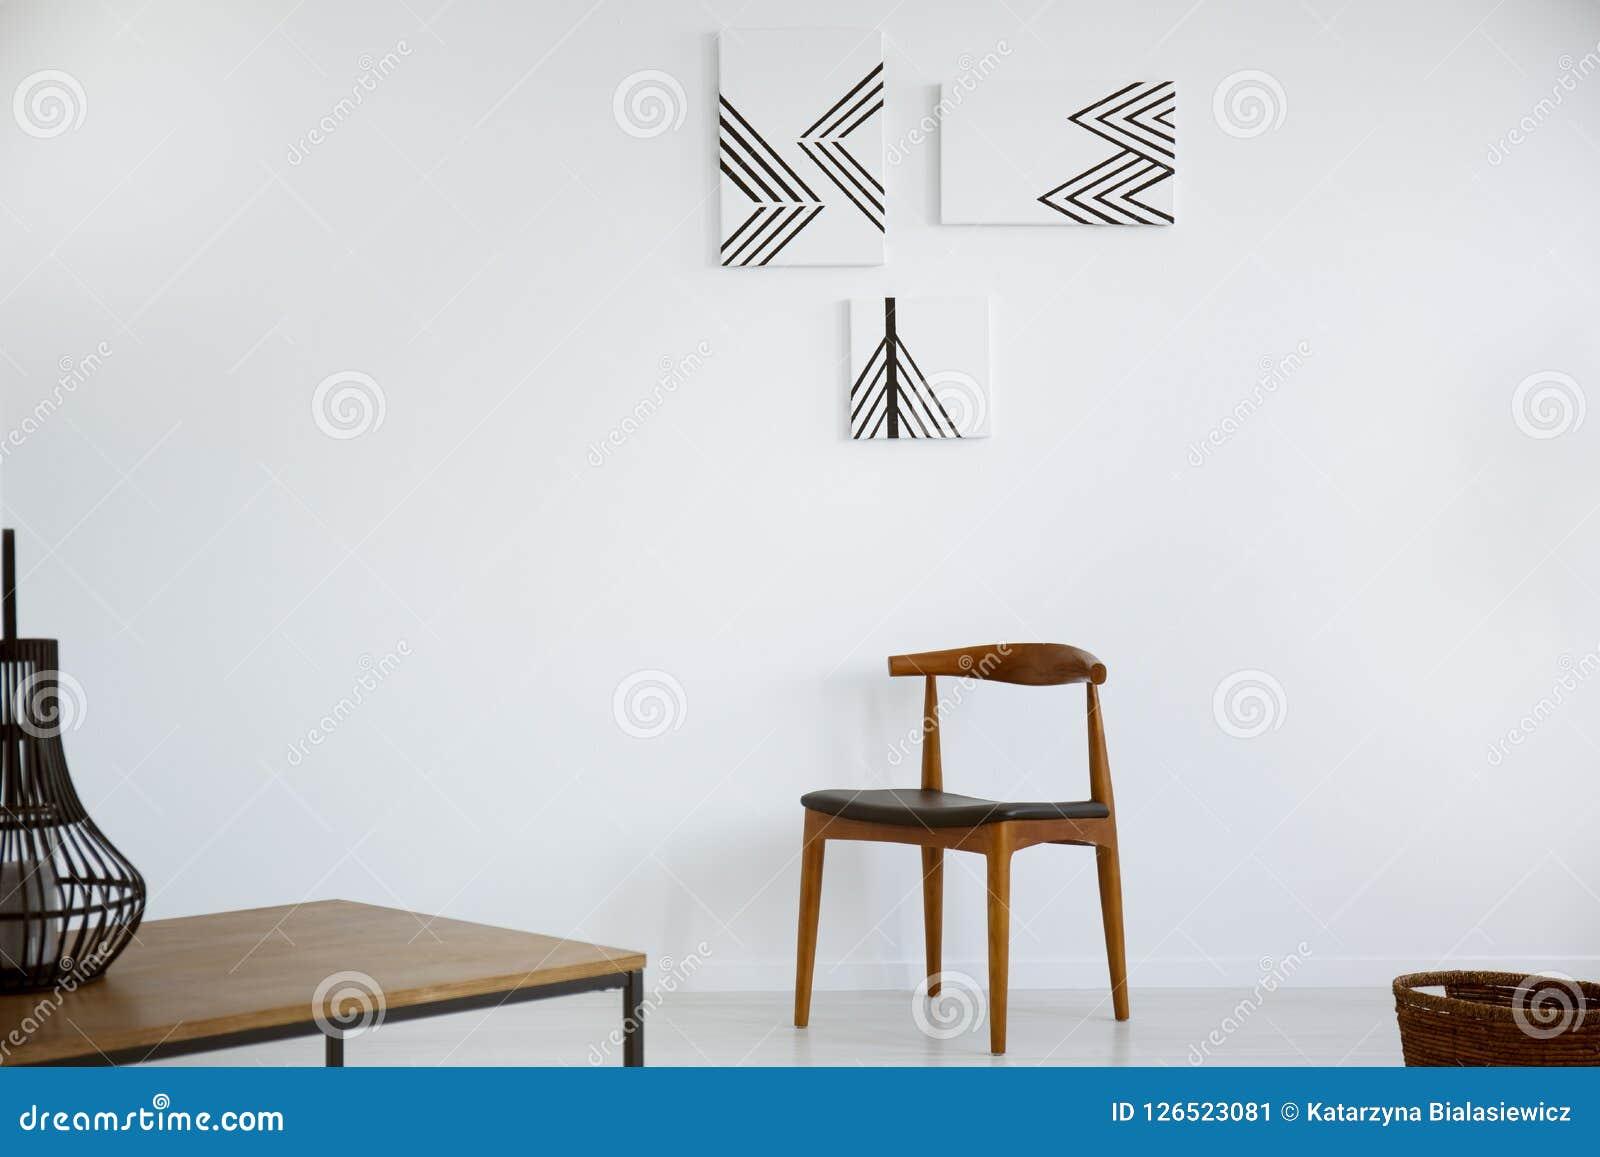 在白色墙壁上的海报在最小的客厅内部的木椅子上与桌 实际照片